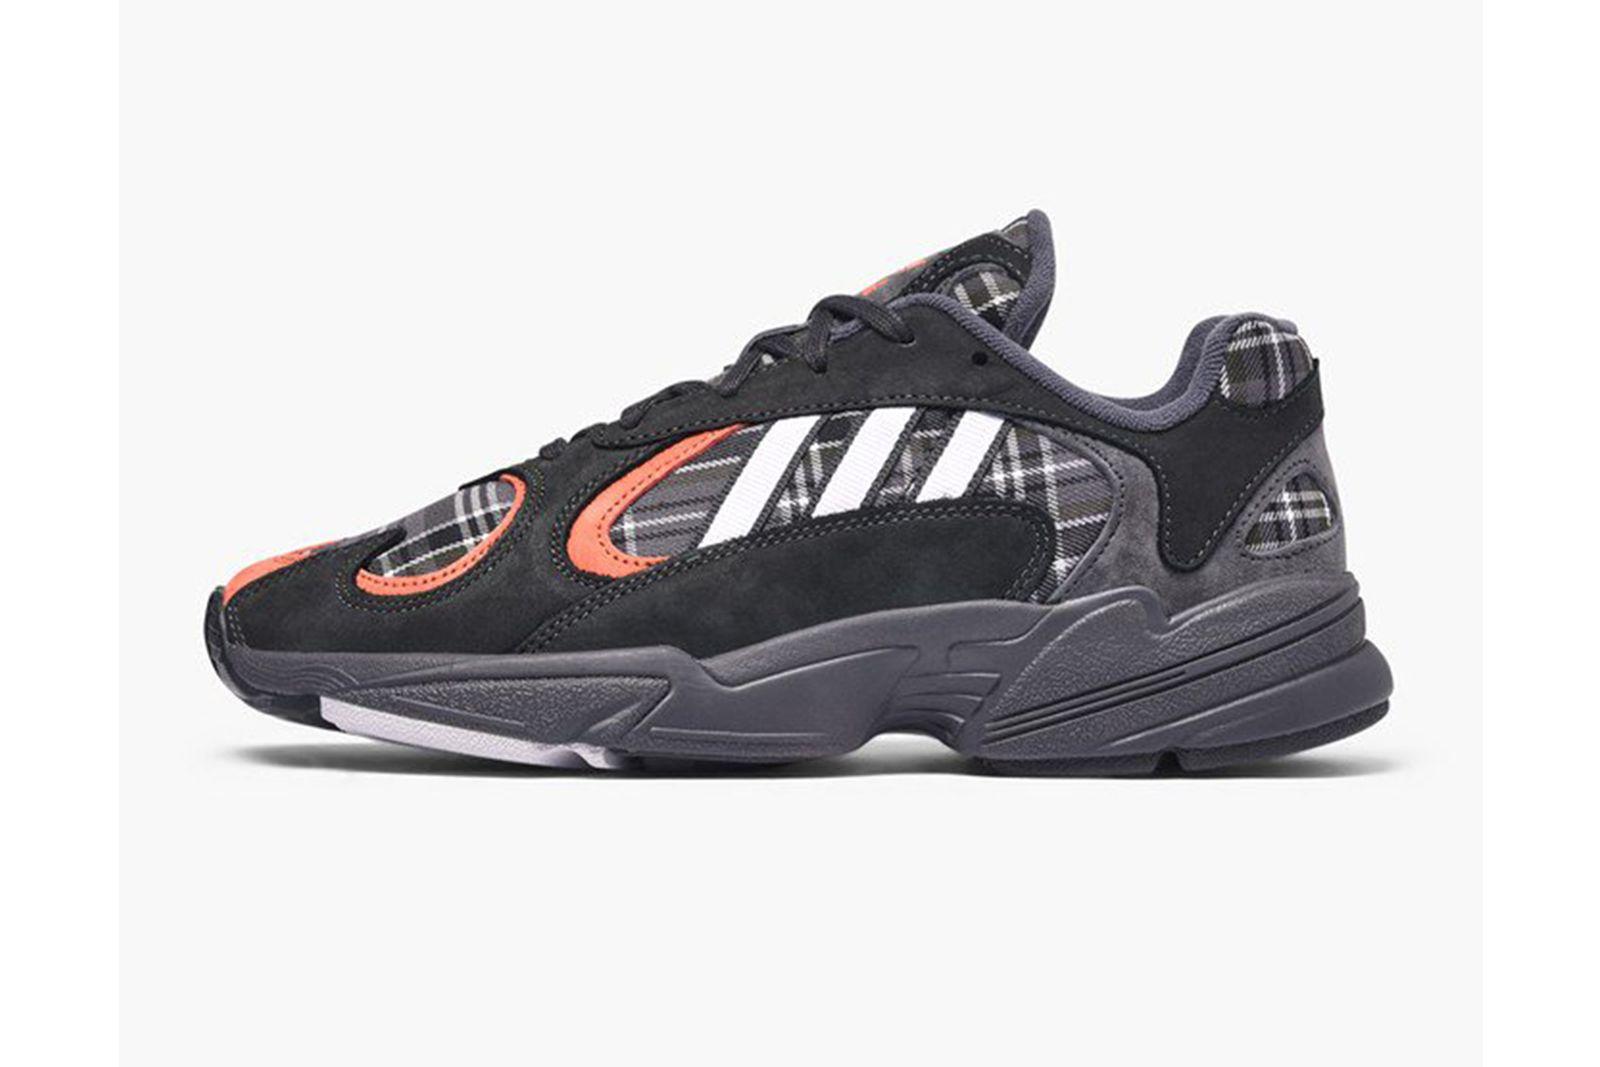 caliroots adidas yung sneaker sales